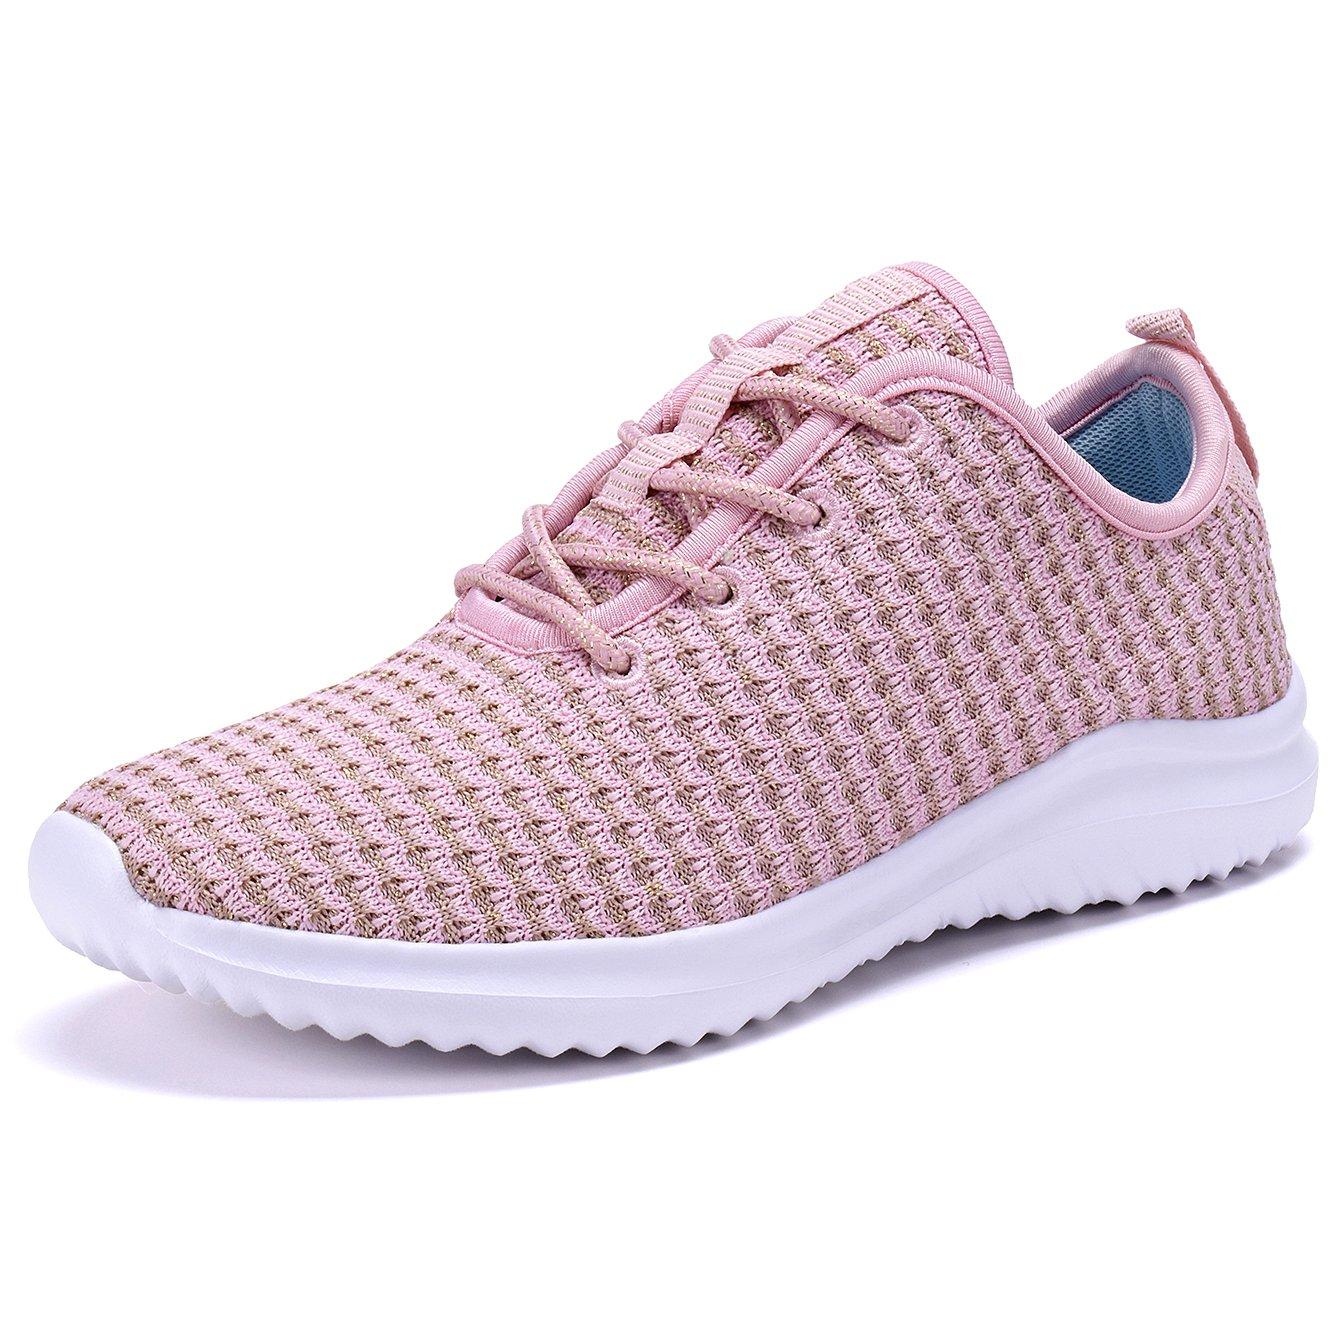 YILAN Women's Fashion Sneakers Sport Shoes (7 B(M) US, Pink-4)